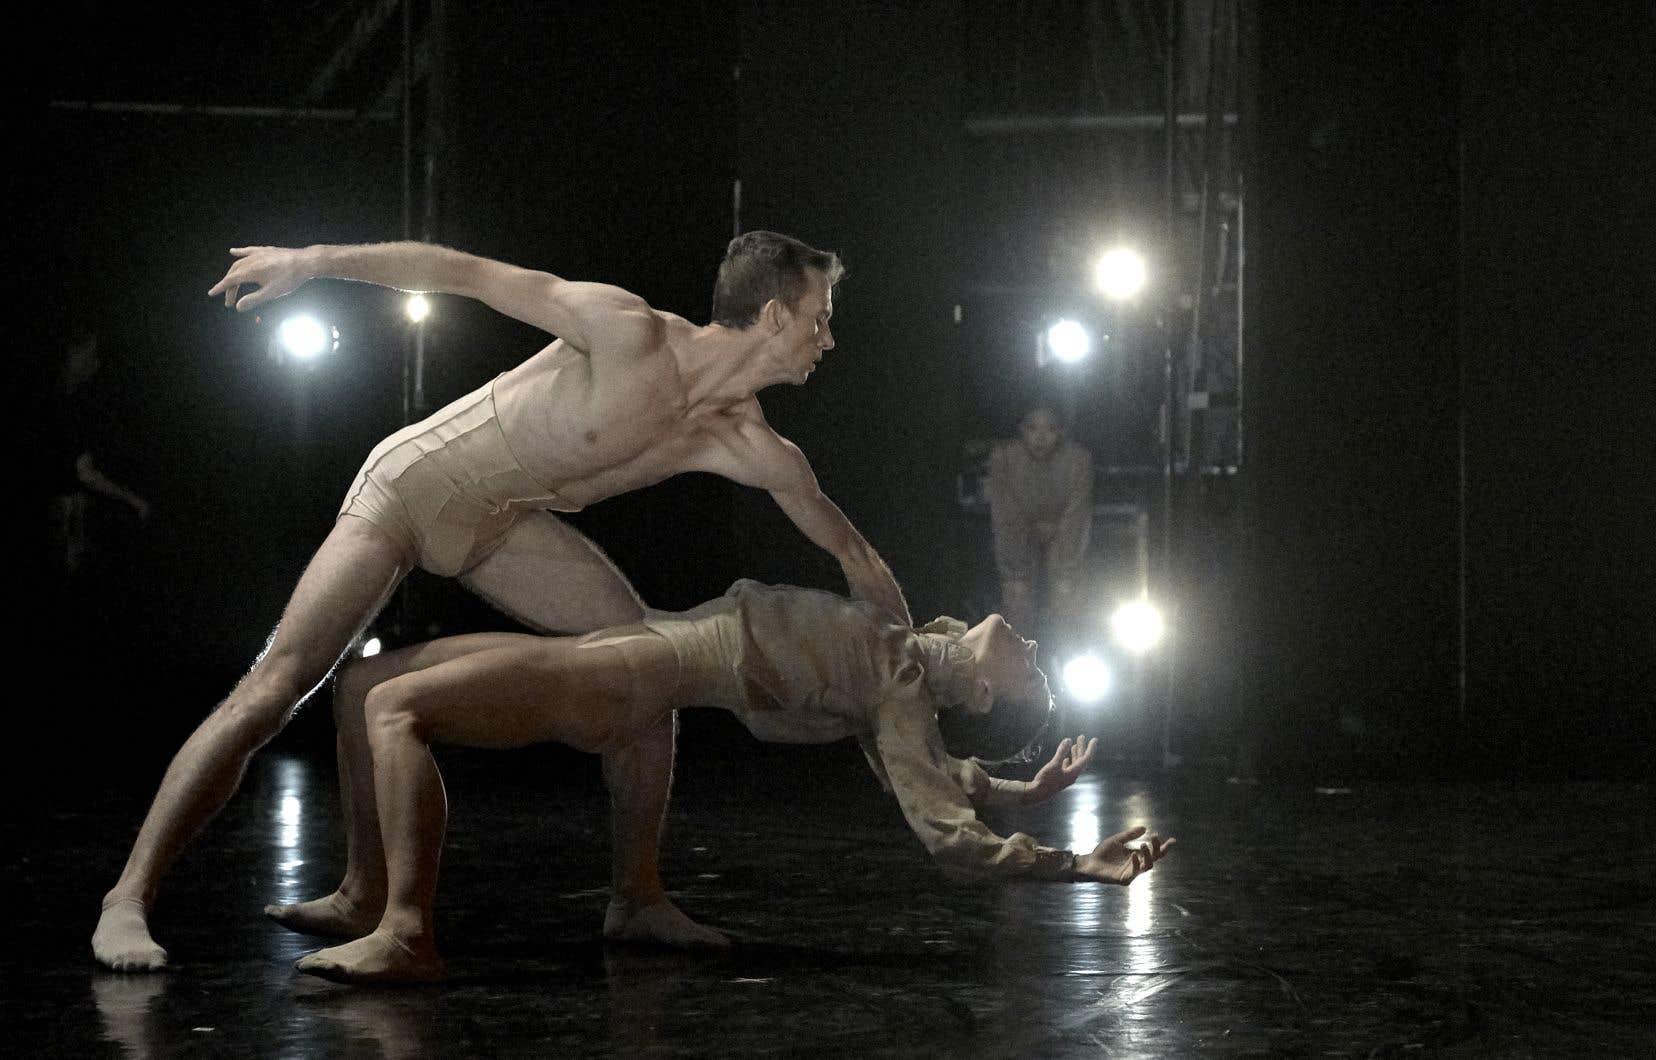 Les danseurs Dane Holland et Tetyana Martyanovadans la pièce «Spectre» créée l'an dernier, que le chorégraphe Marwik Schmitt revisite.